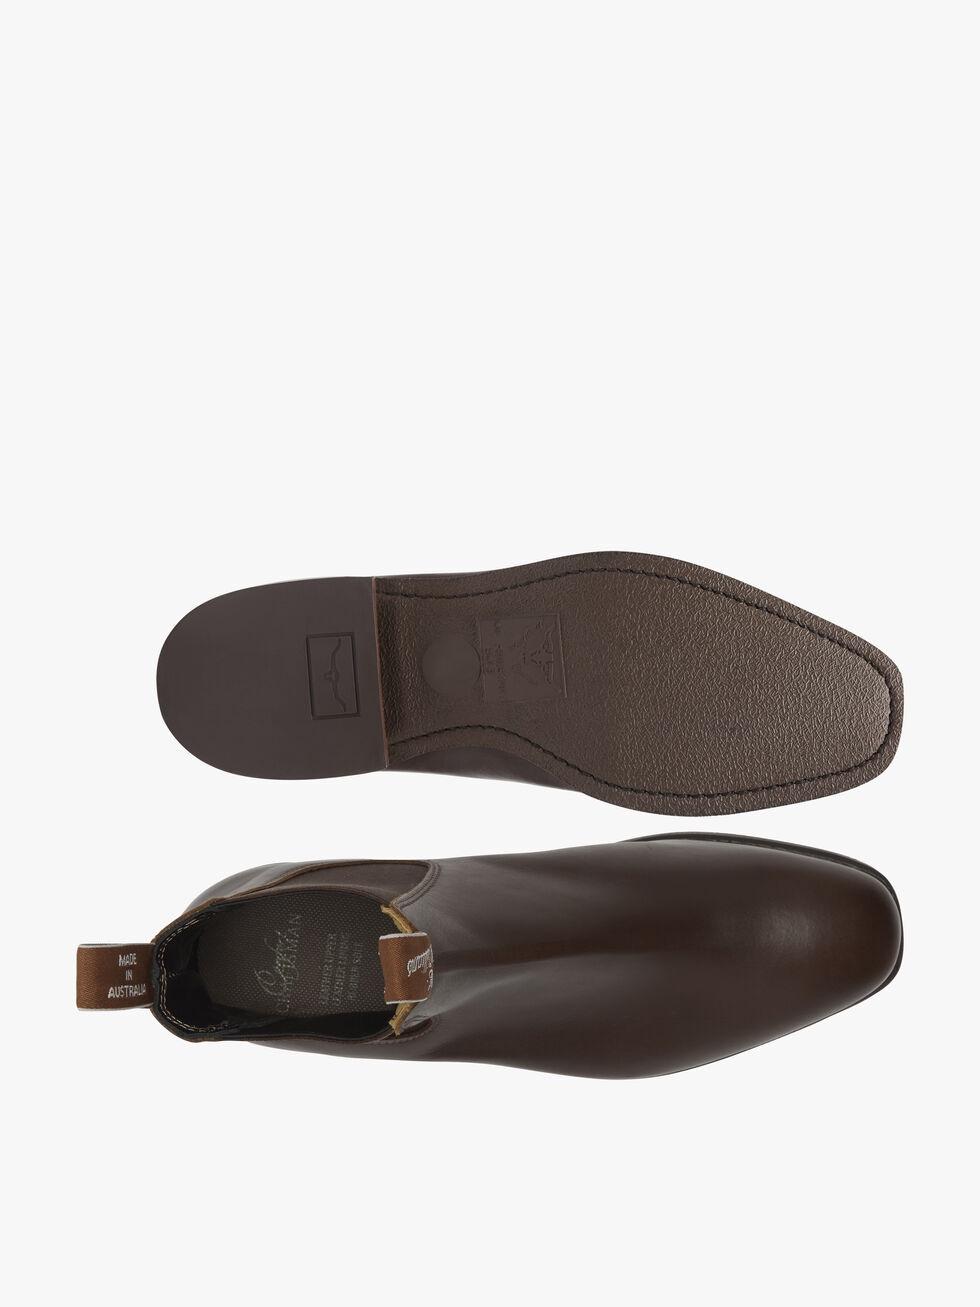 RM Williams Comfort Craftsman Boot – Rum